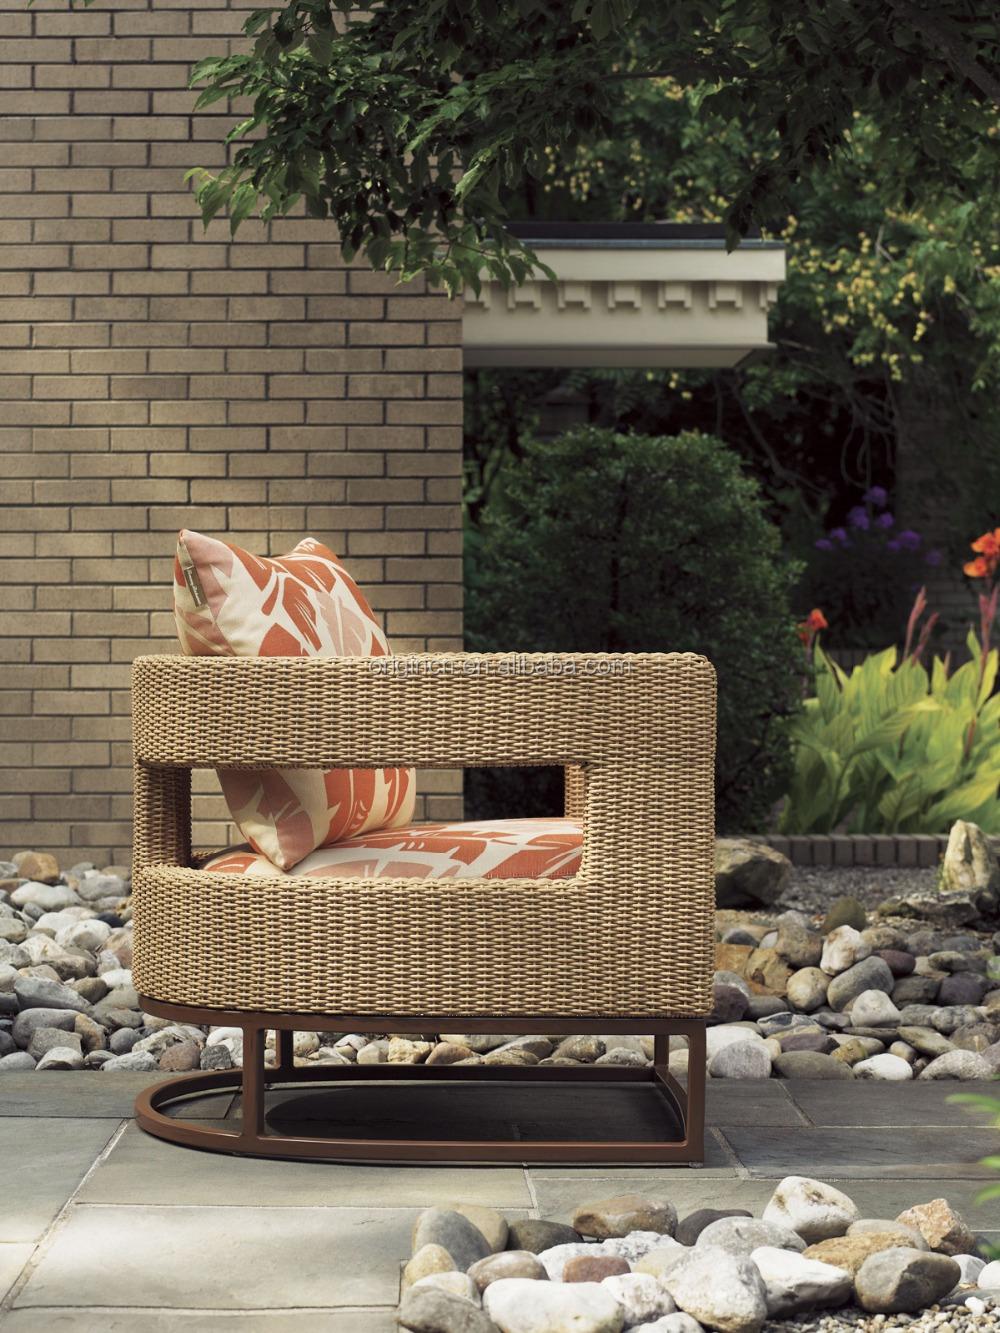 Creative Pe Rattan Garden Sofa For Outdoor, Creative Pe Rattan ...